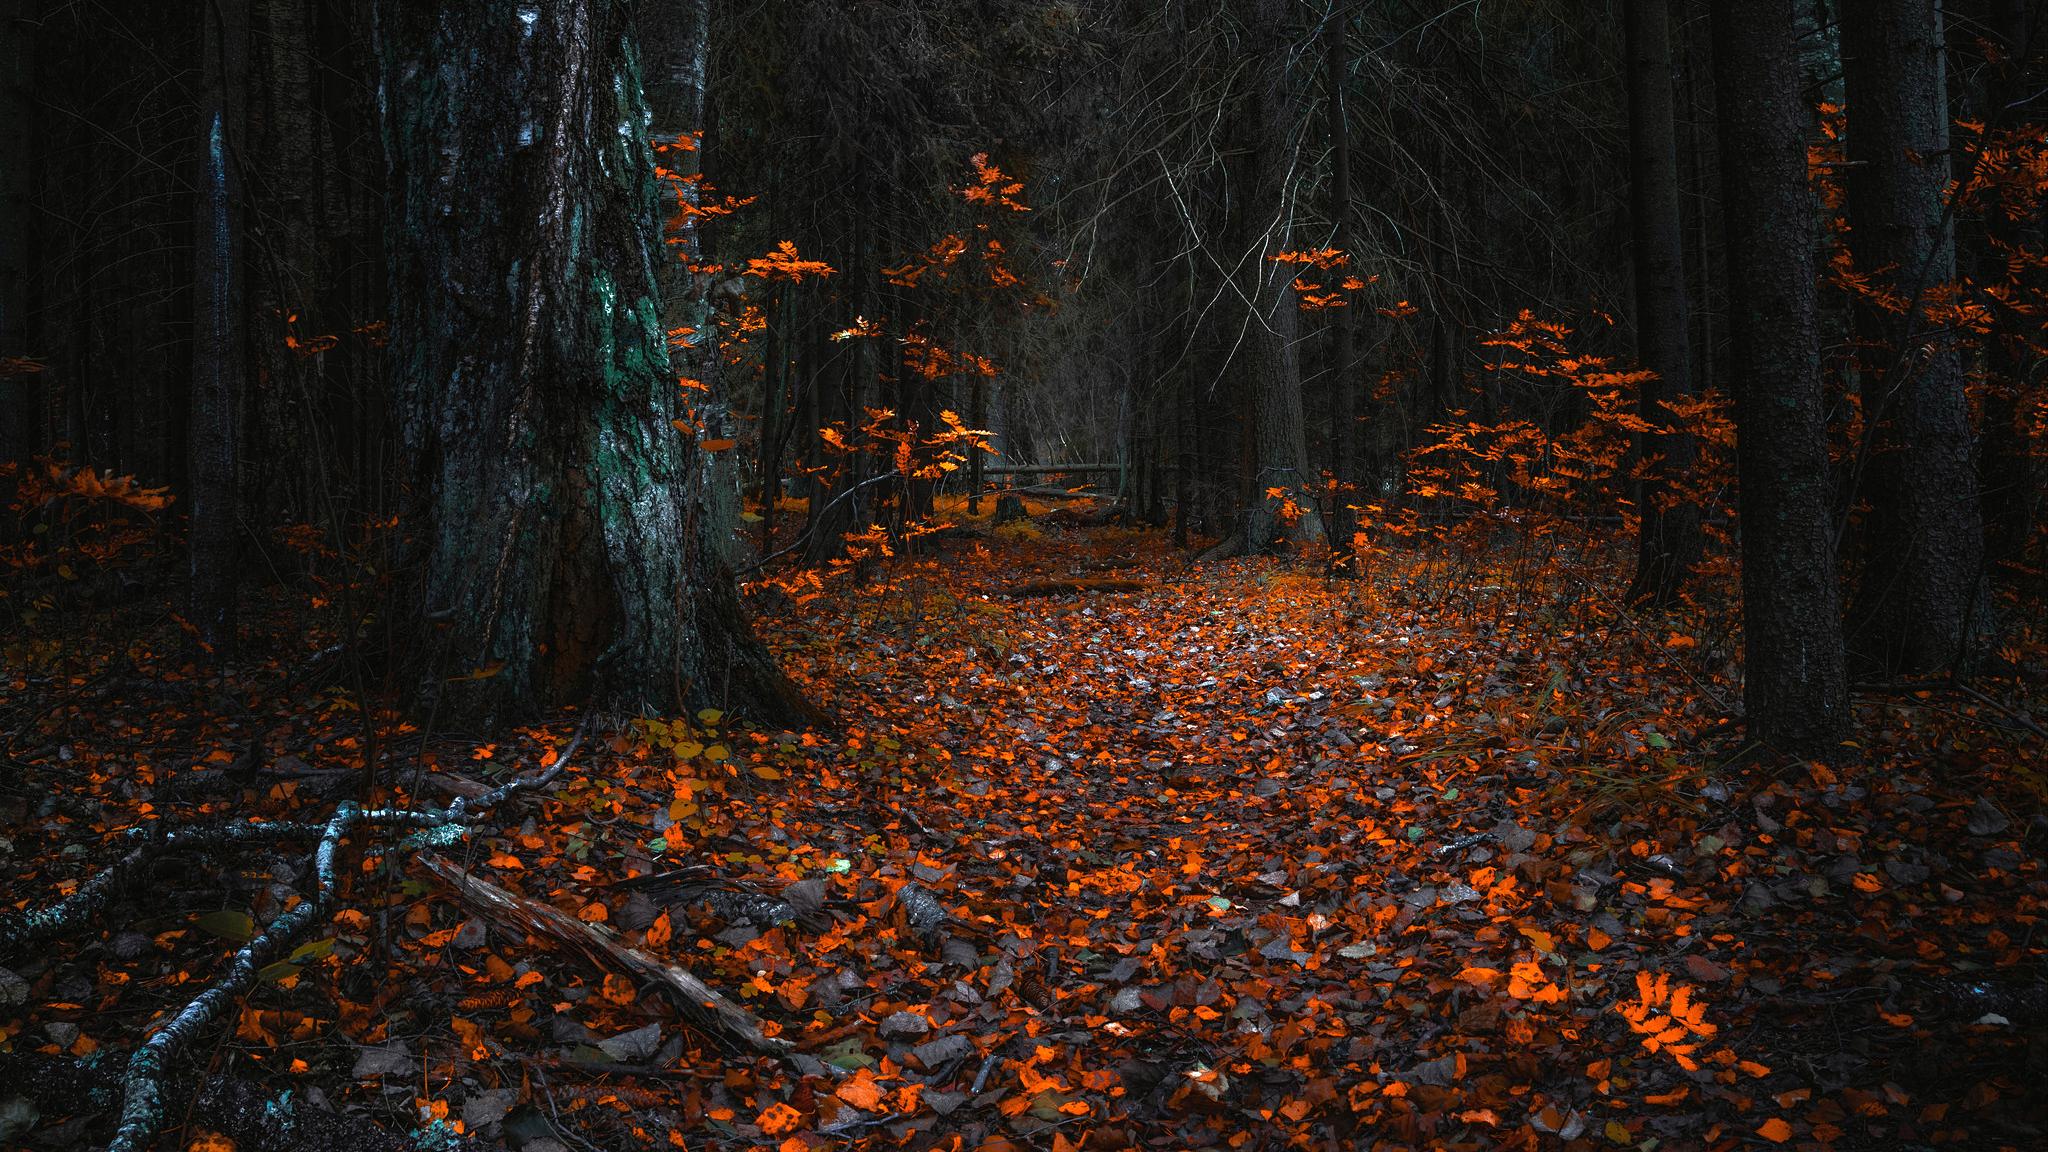 forest-fall-leaf-2048x1152.jpg